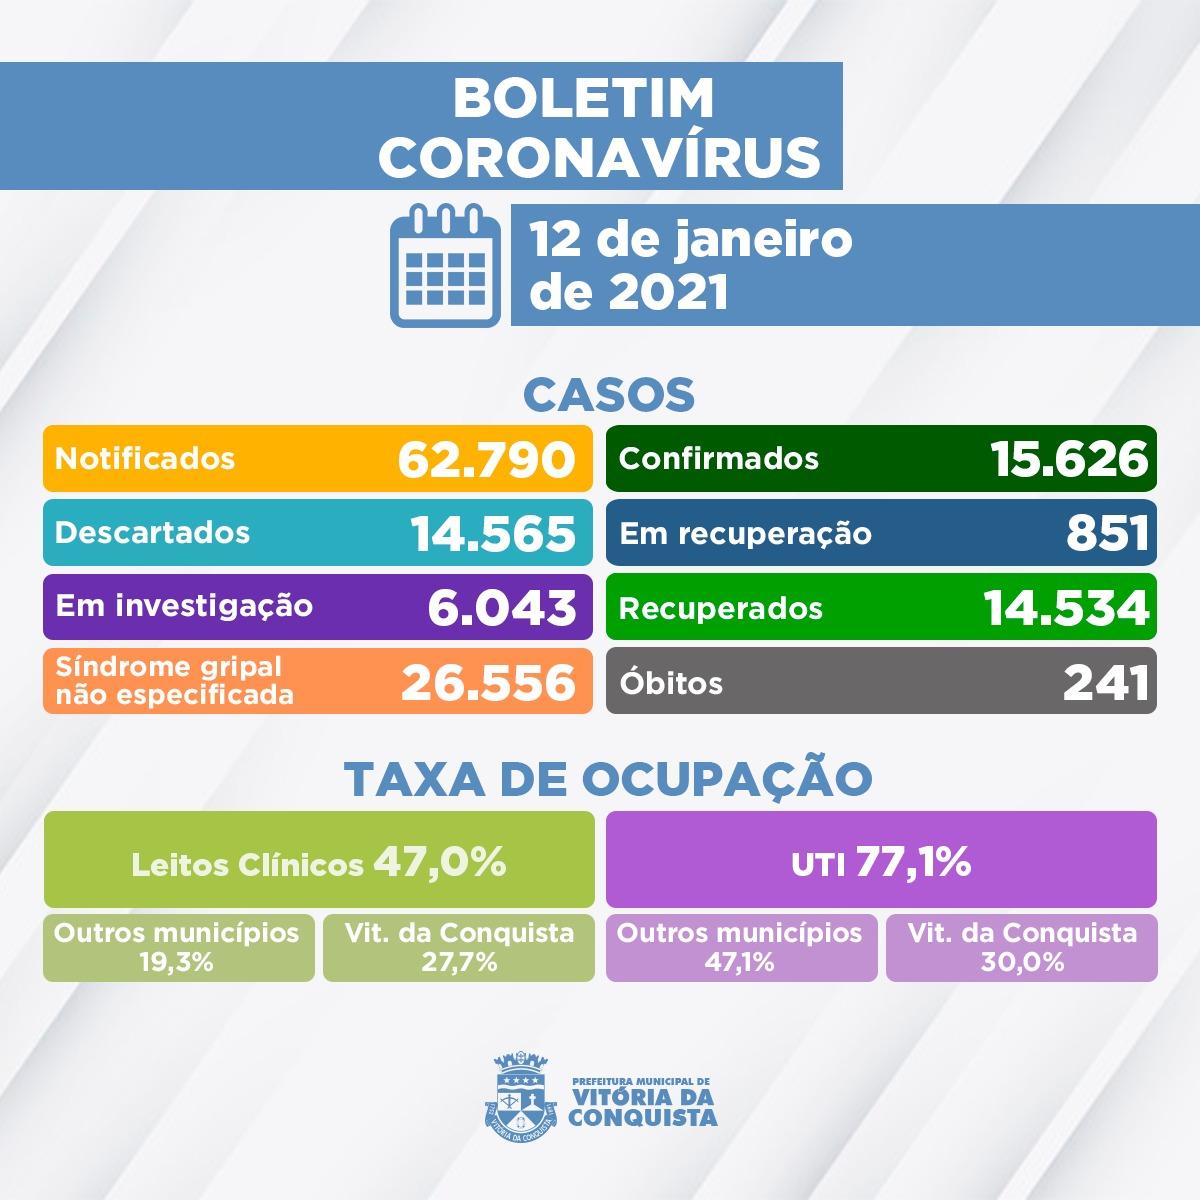 12/01 - Boletim epidemiológico: 851 pacientes permanecem ...